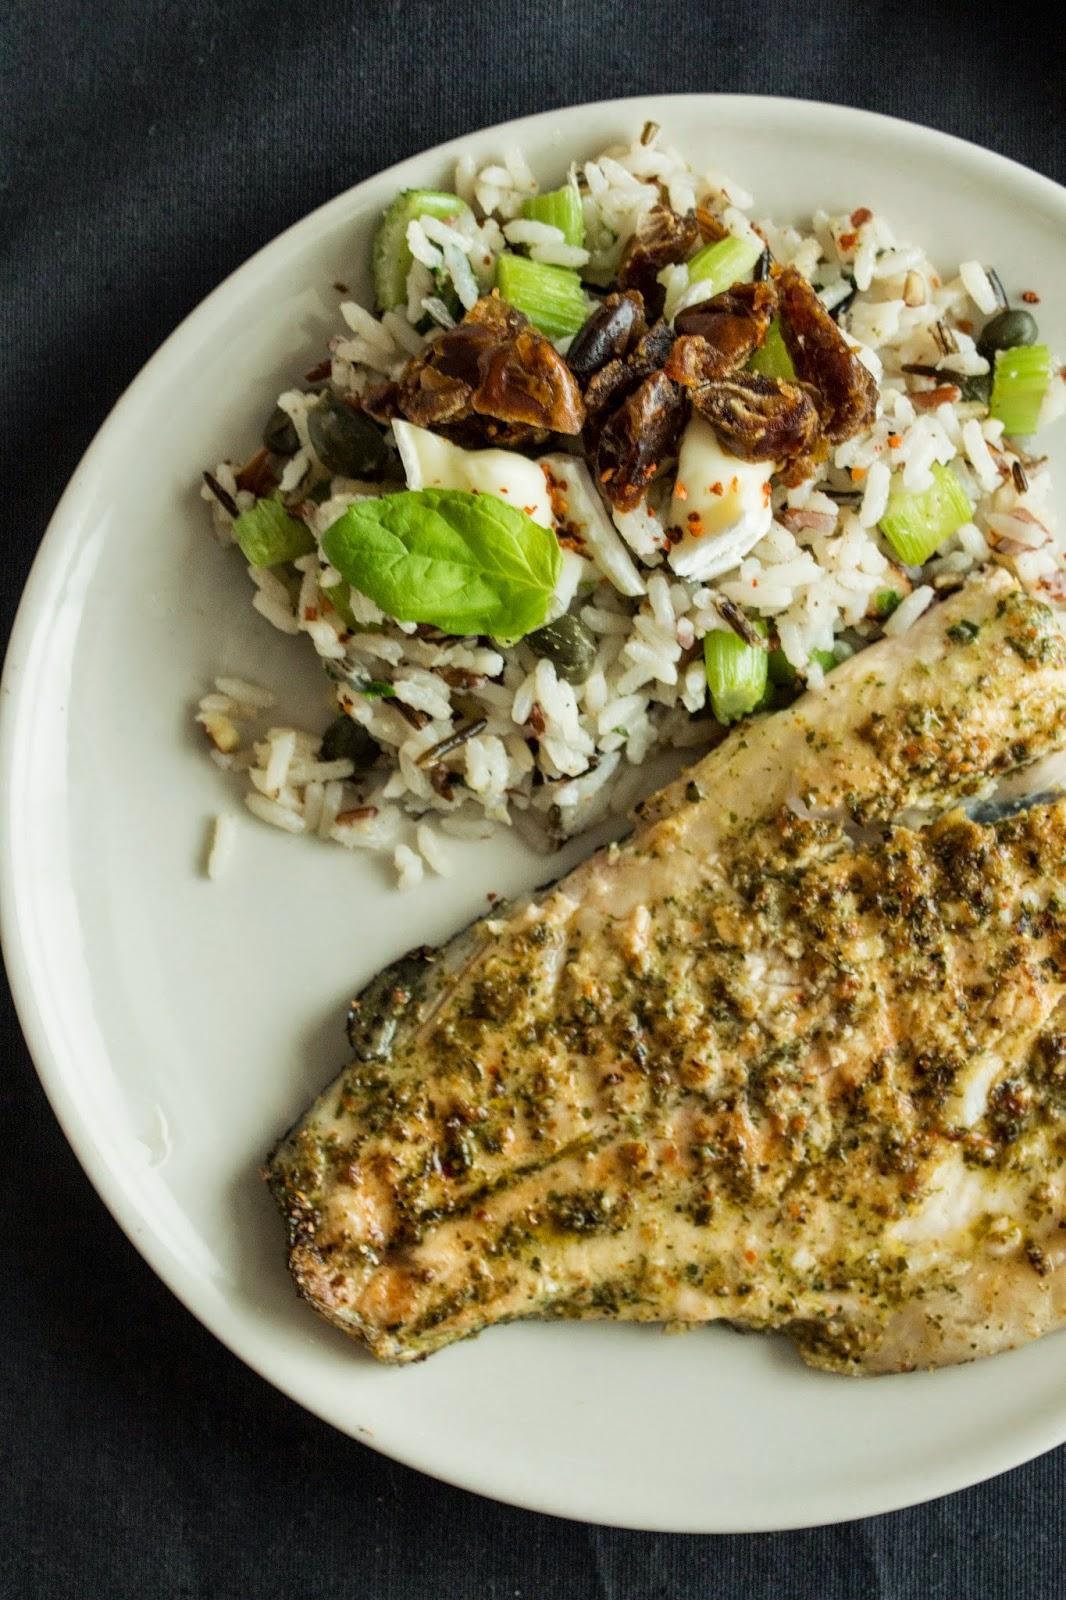 Ryba w szermuli i sałatka ryżowa.